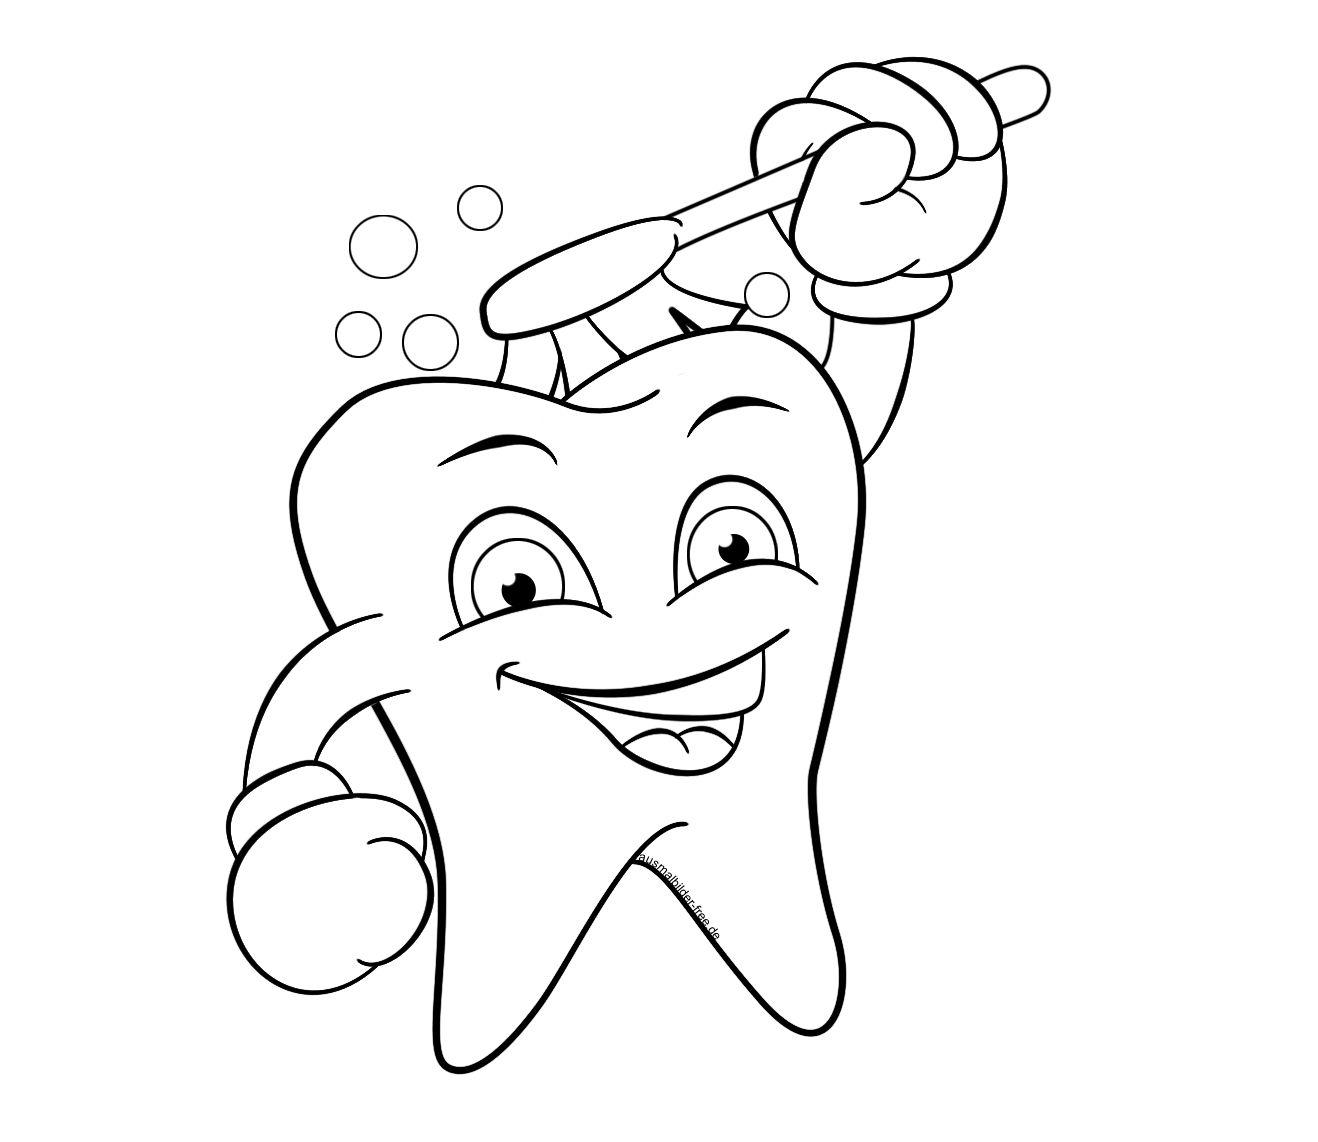 Zahn Ausmalbild Zum Ausdrucken Bilder Kostenlos Ausmalen